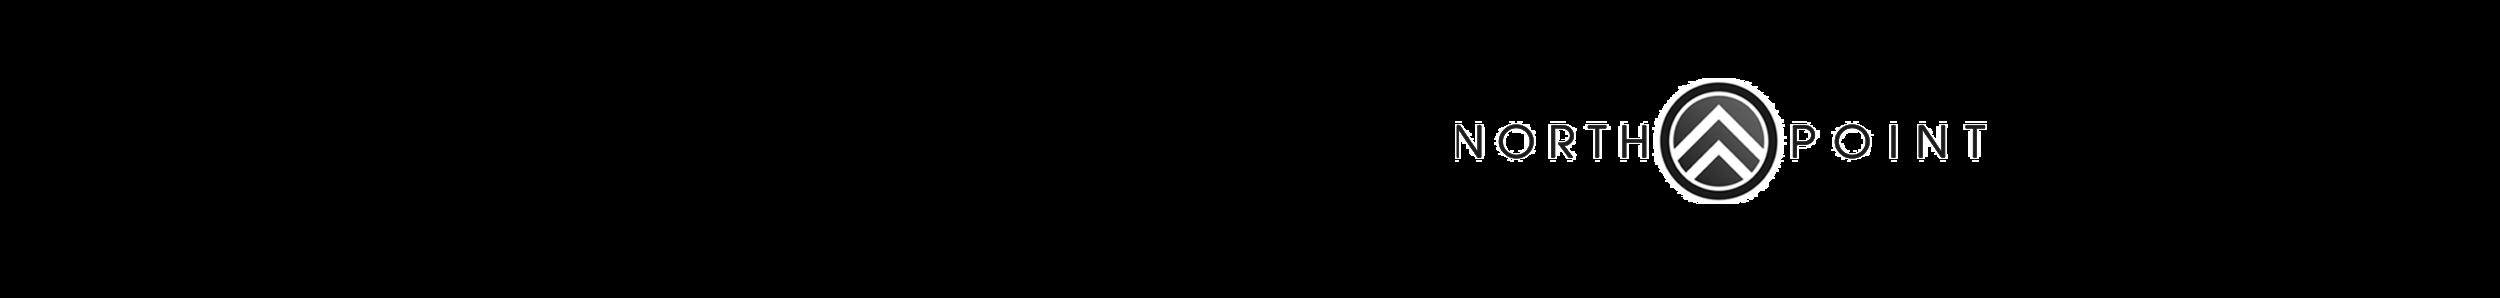 Speaking-Logos.png